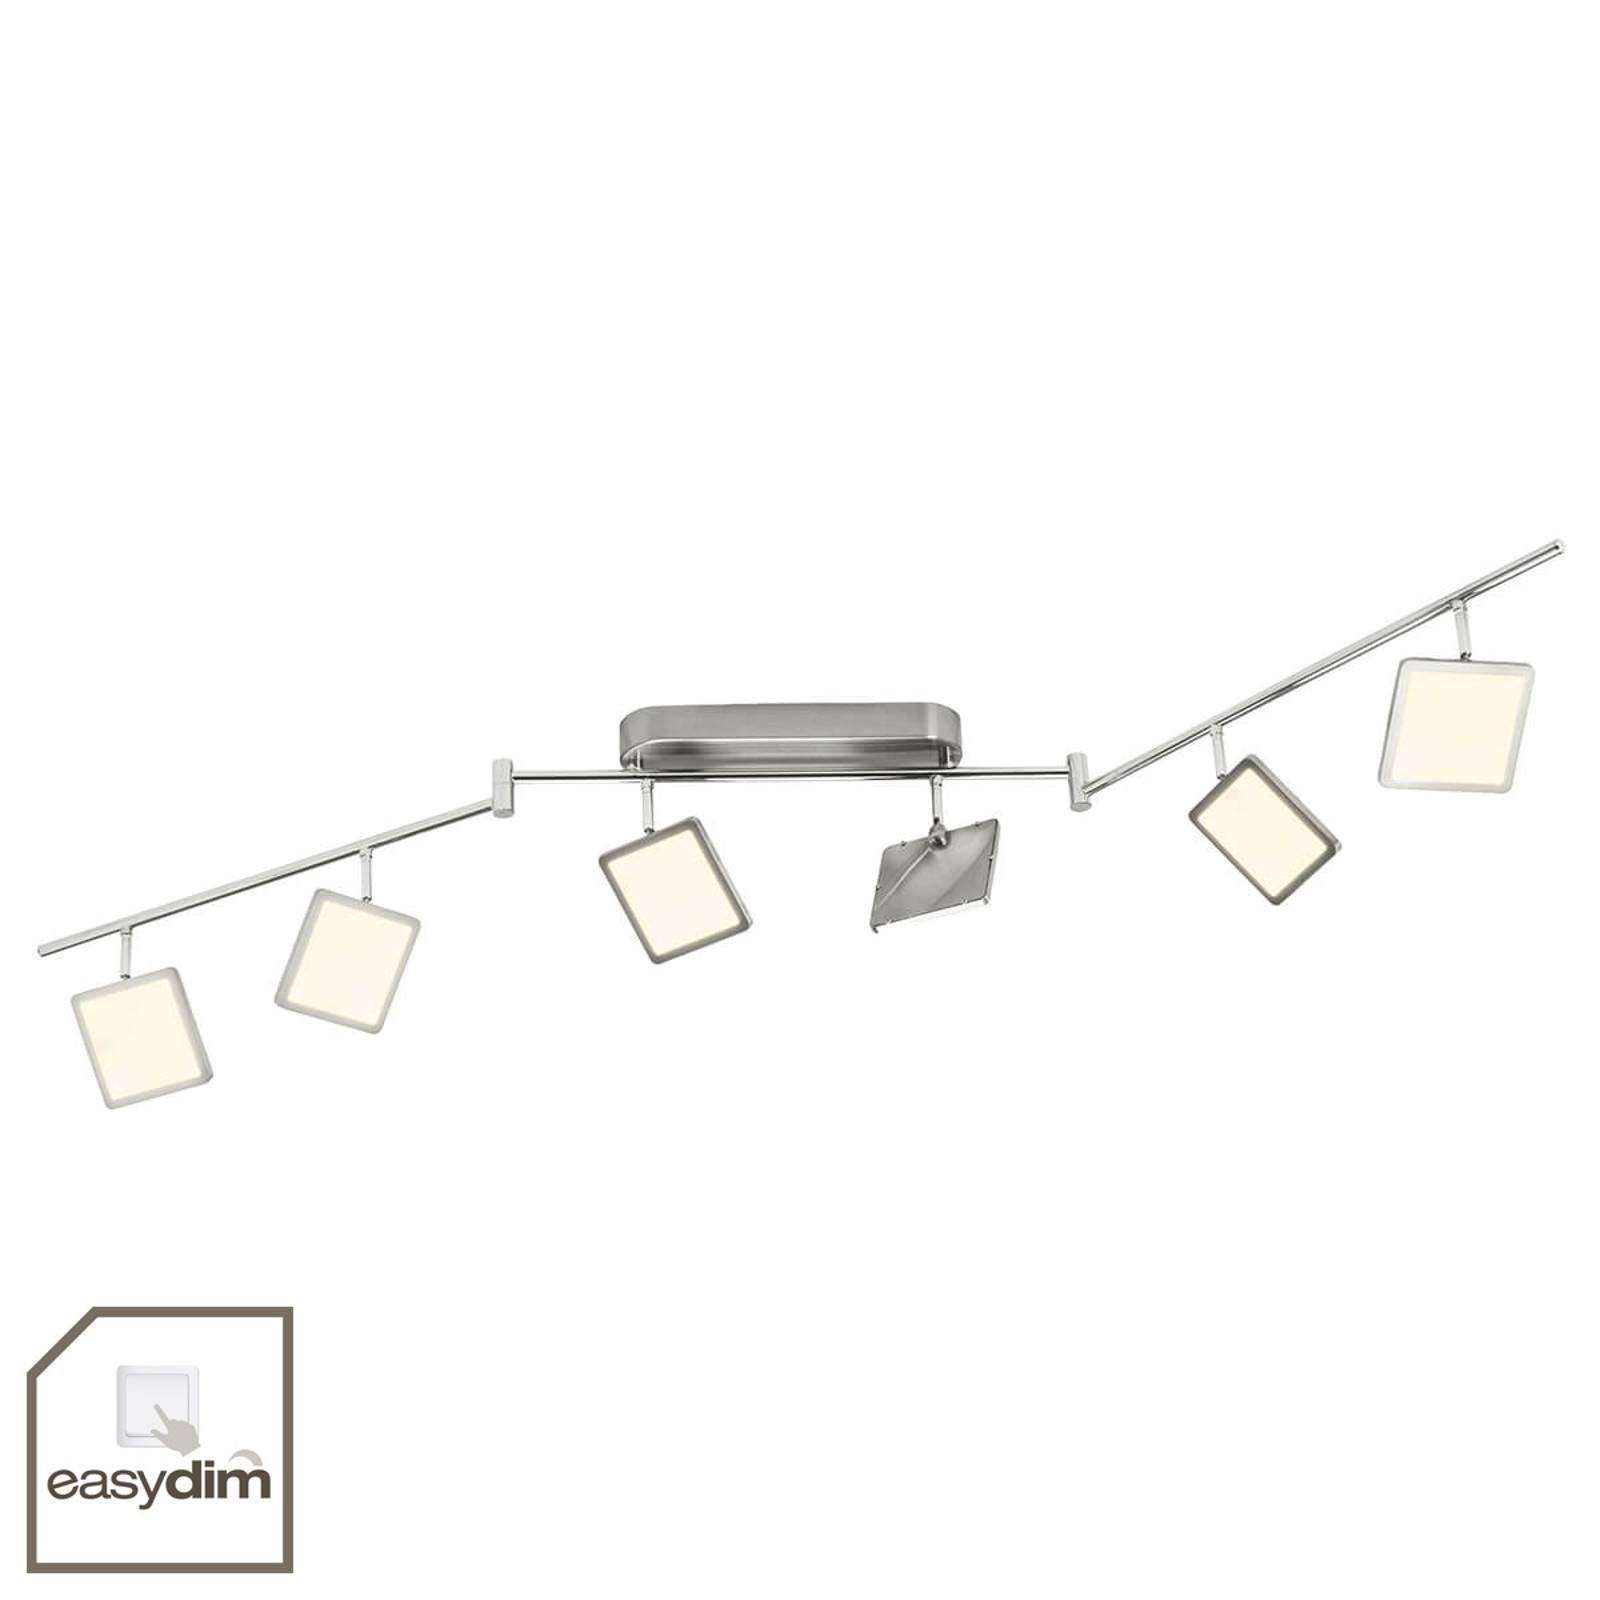 6 lyskilder easydim taklampe Uranus med LED